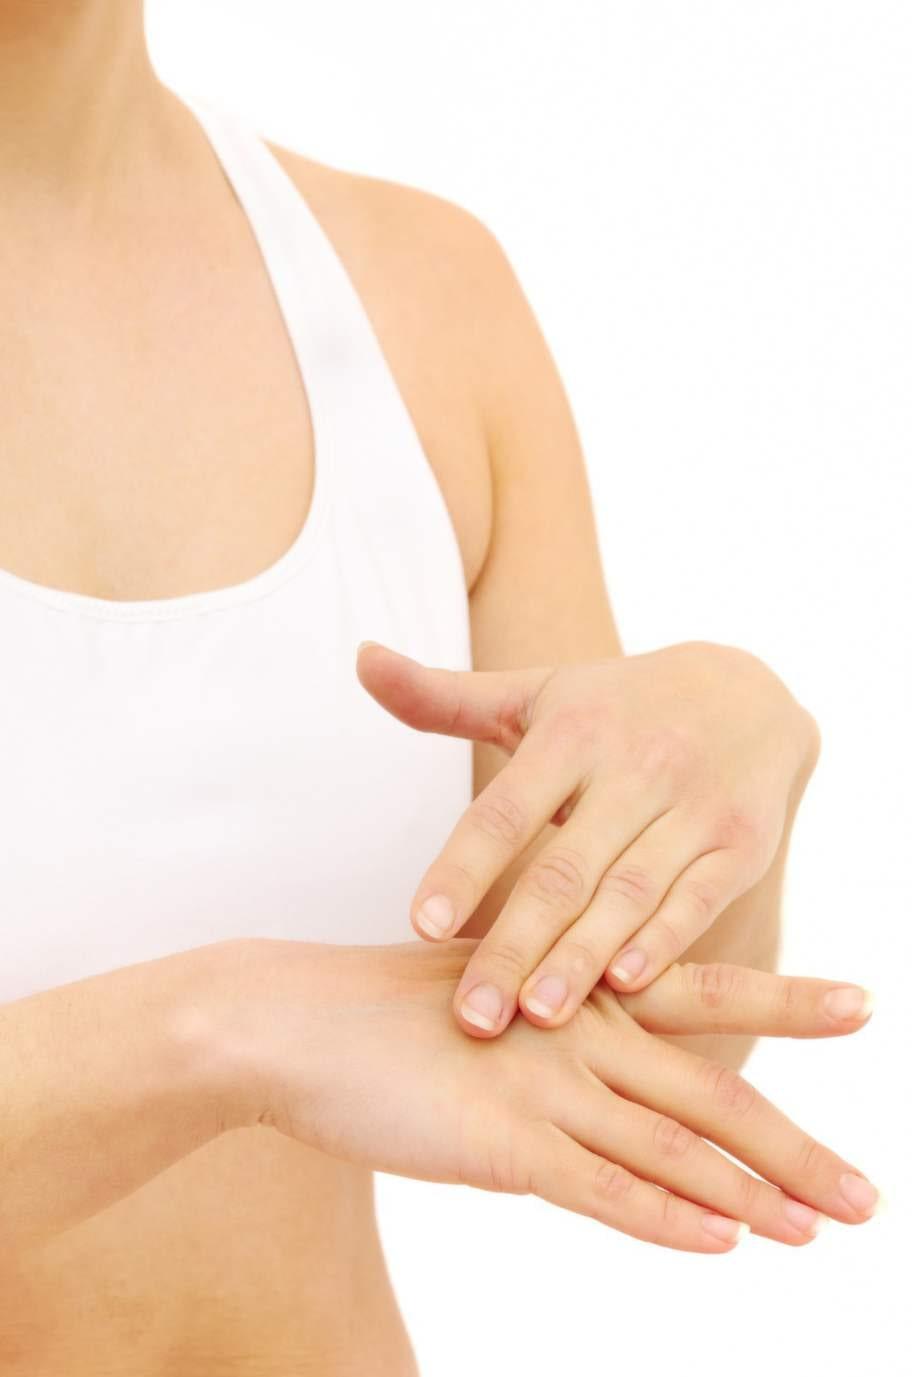 Åldern syns på dina händer. Här får du tips på bra produkter - för just din ålder.